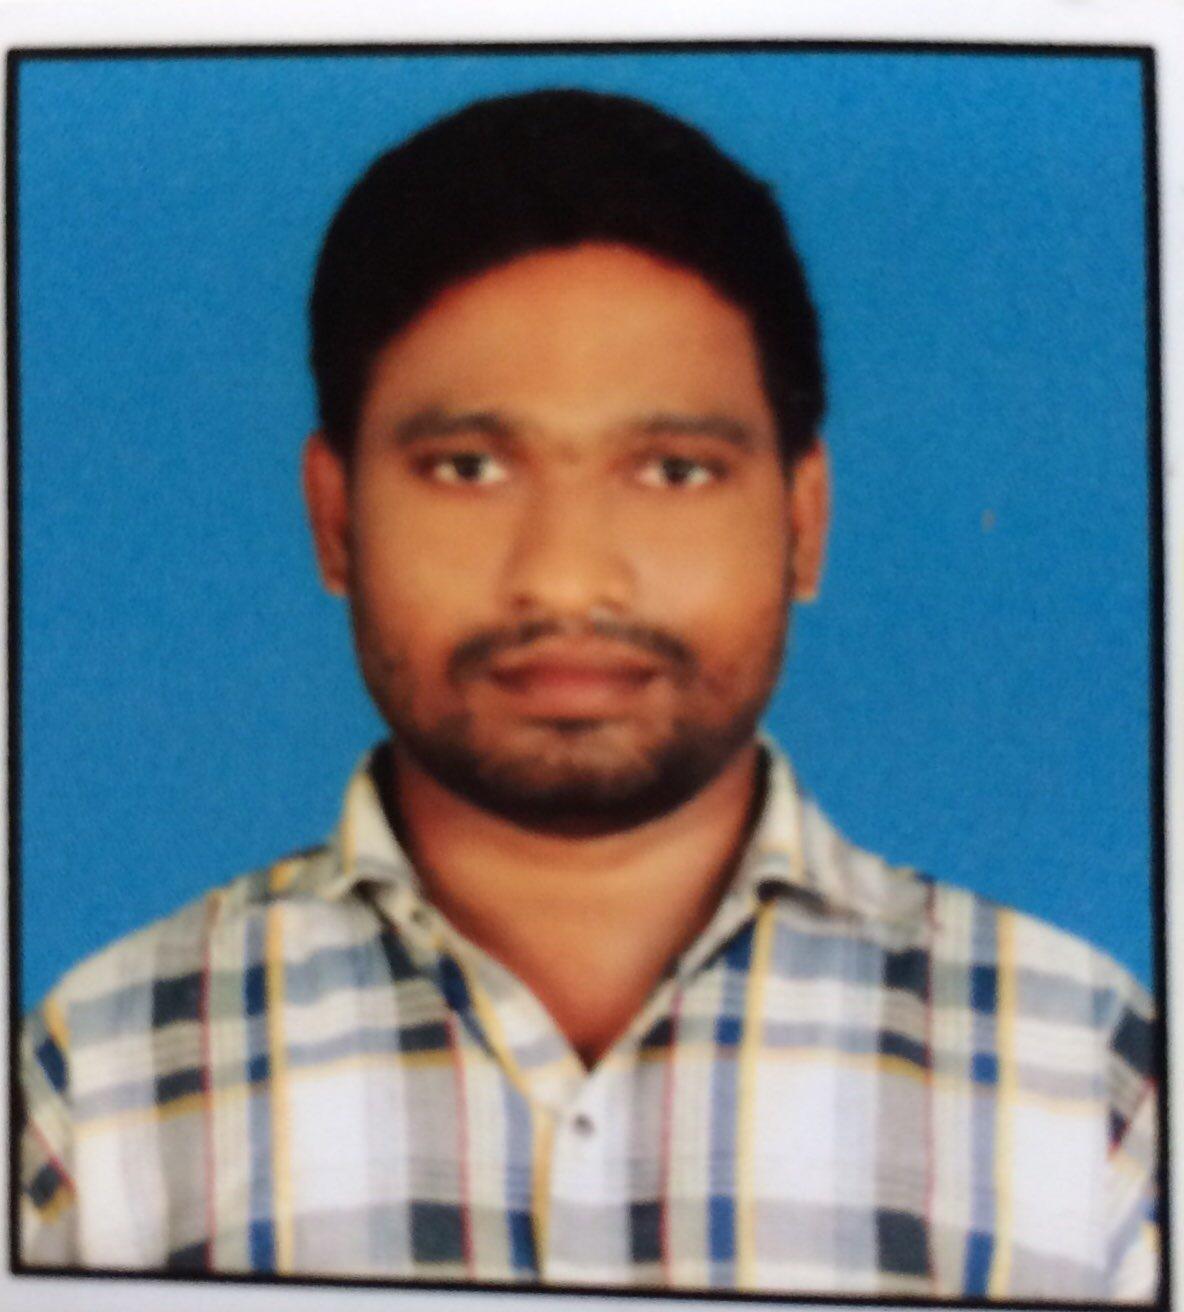 VishwanathDasari